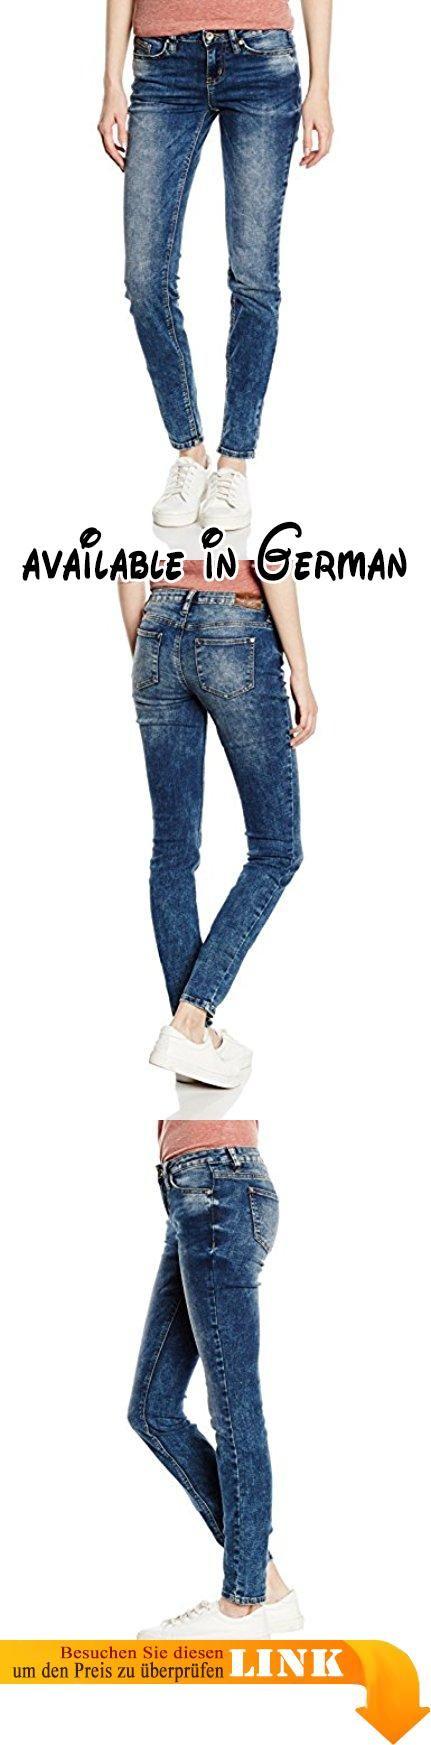 TOM TAILOR DENIM Damen Skinny Jeanshose Jeans JONA extra vintage blue/601, Gr. W27/L32 (Herstellergröße: 27), Blau (heavy bleached blue denim + tint 1192). TOM TAILOR DENIM Damen Jeanshose #Apparel #PANTS